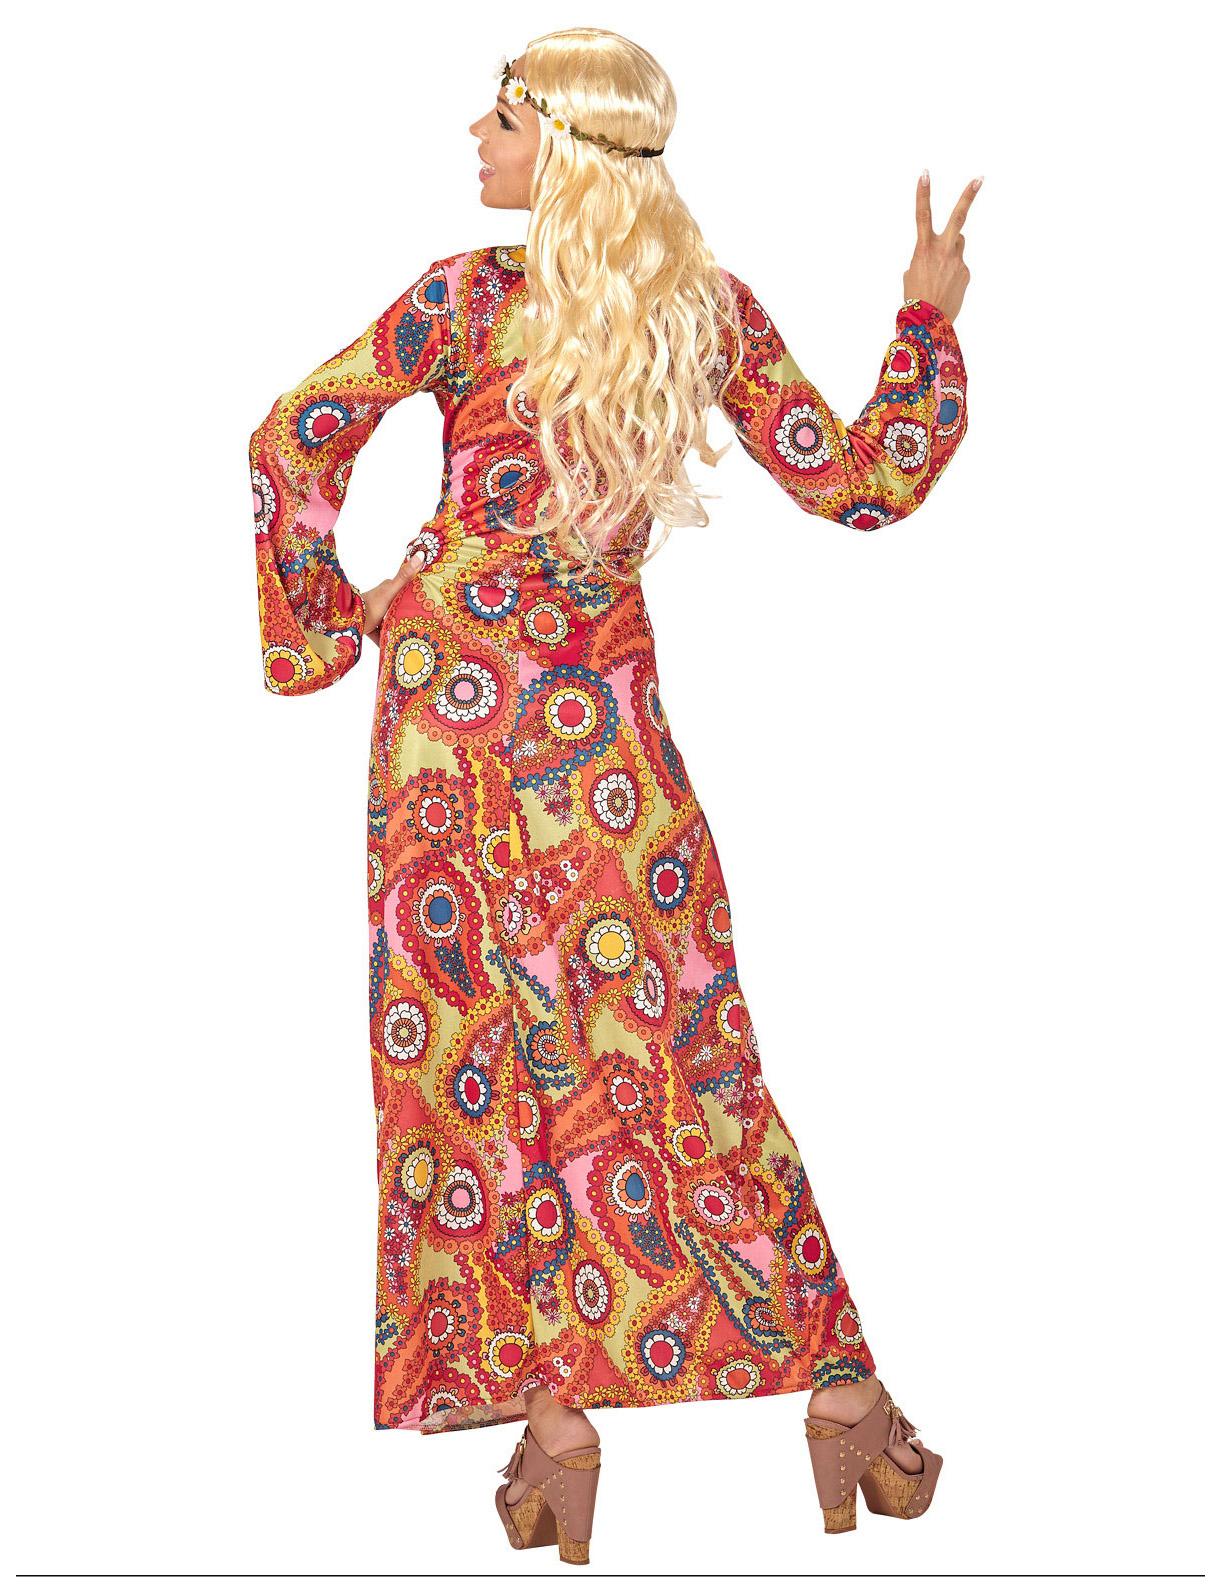 d guisement robe longue hippie multicolore femme deguise toi achat de d guisements adultes. Black Bedroom Furniture Sets. Home Design Ideas